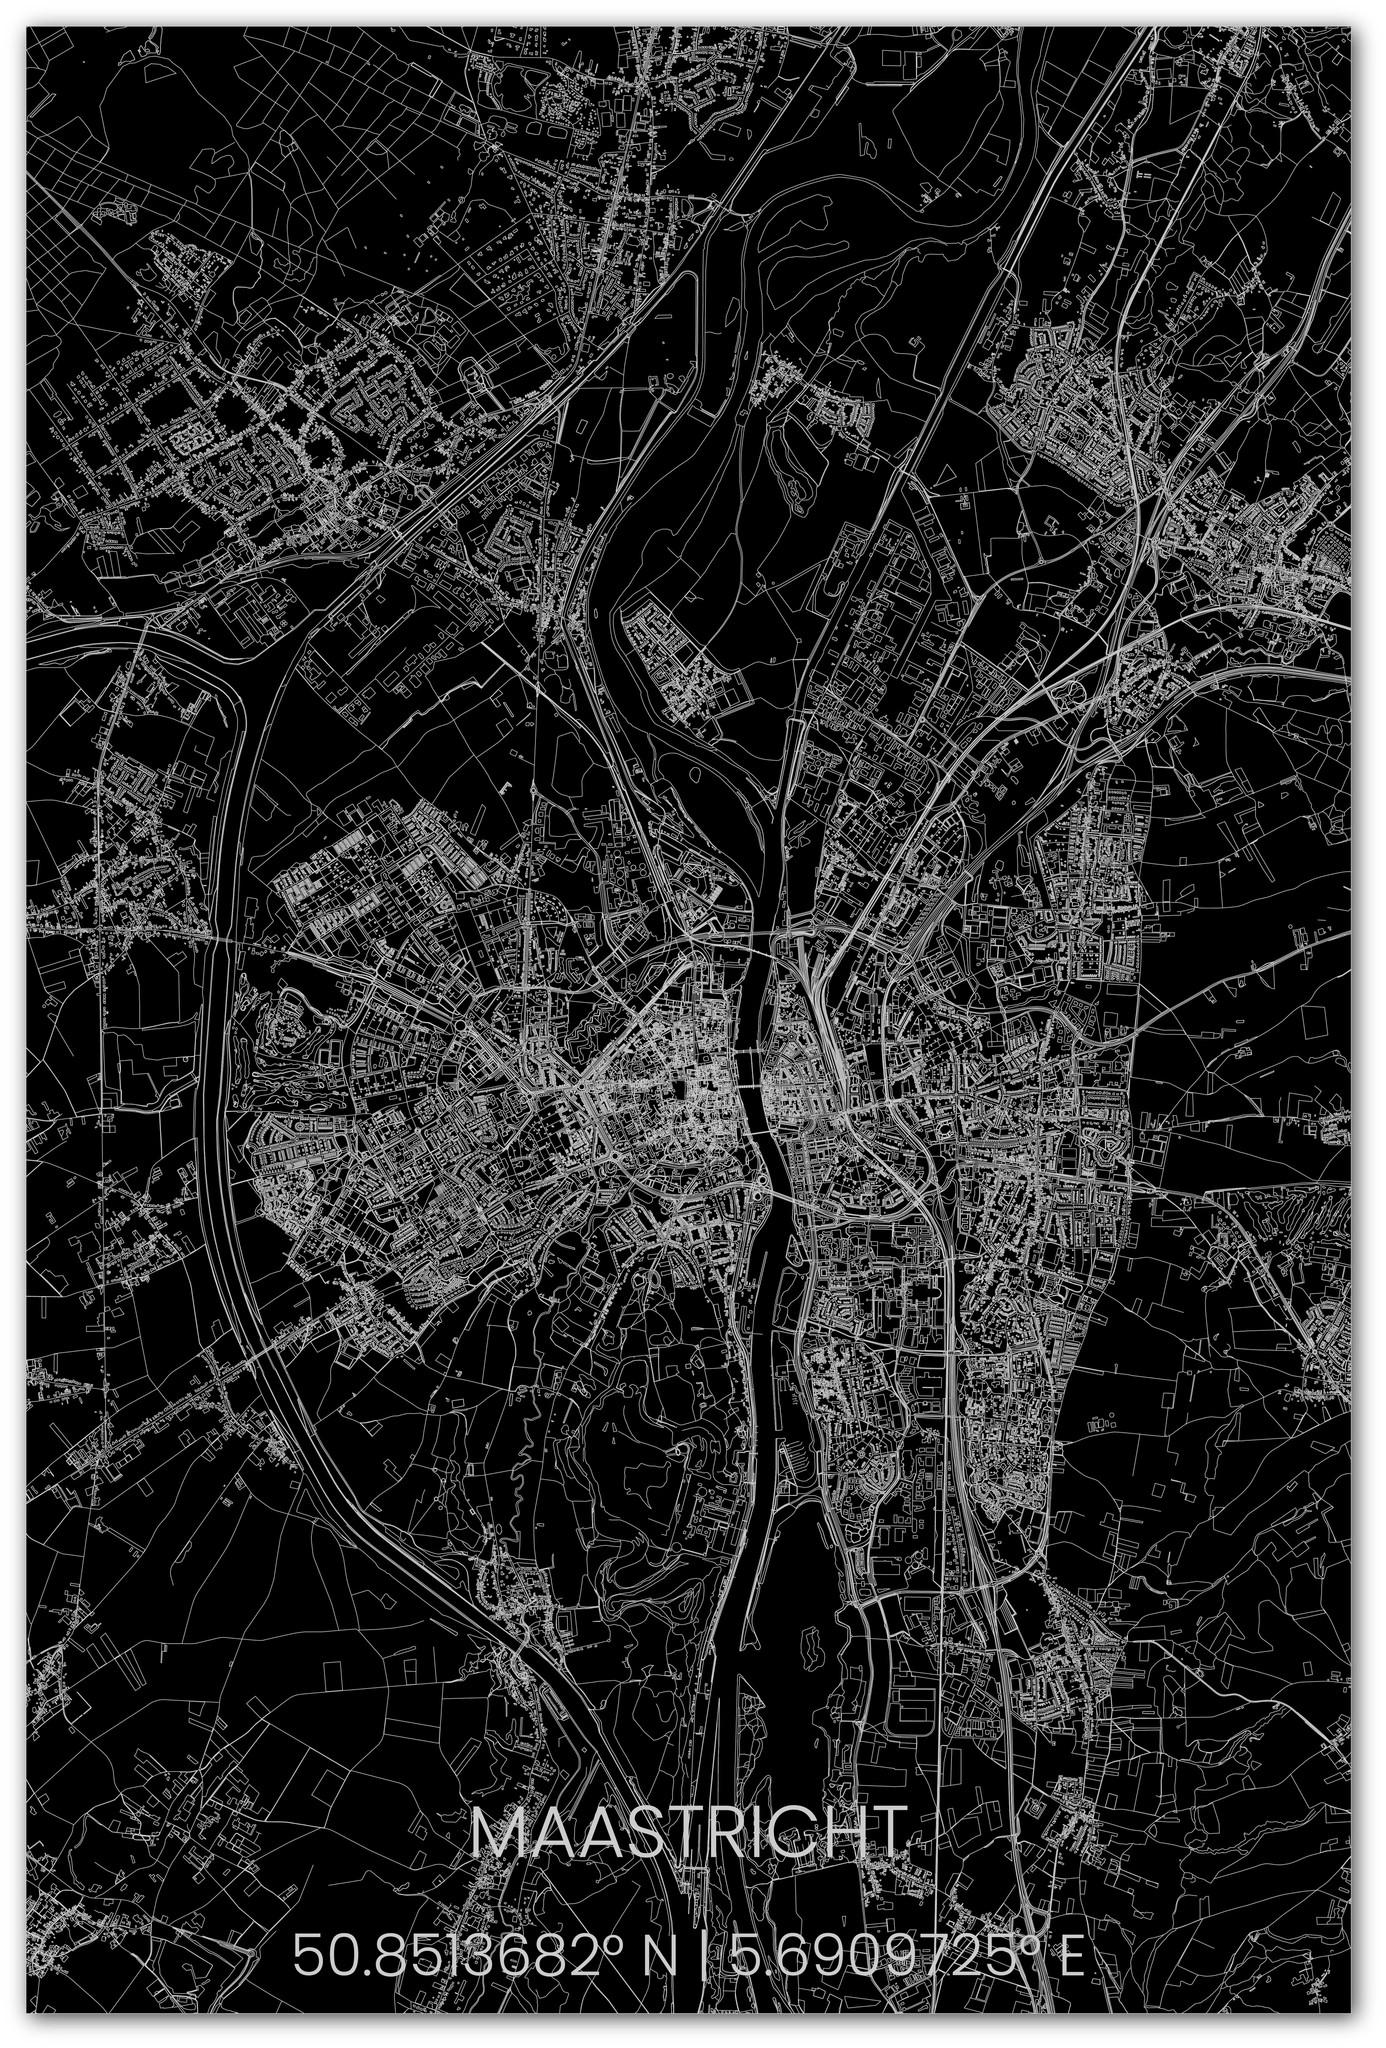 Stadsplattegrond Maastricht XL-2